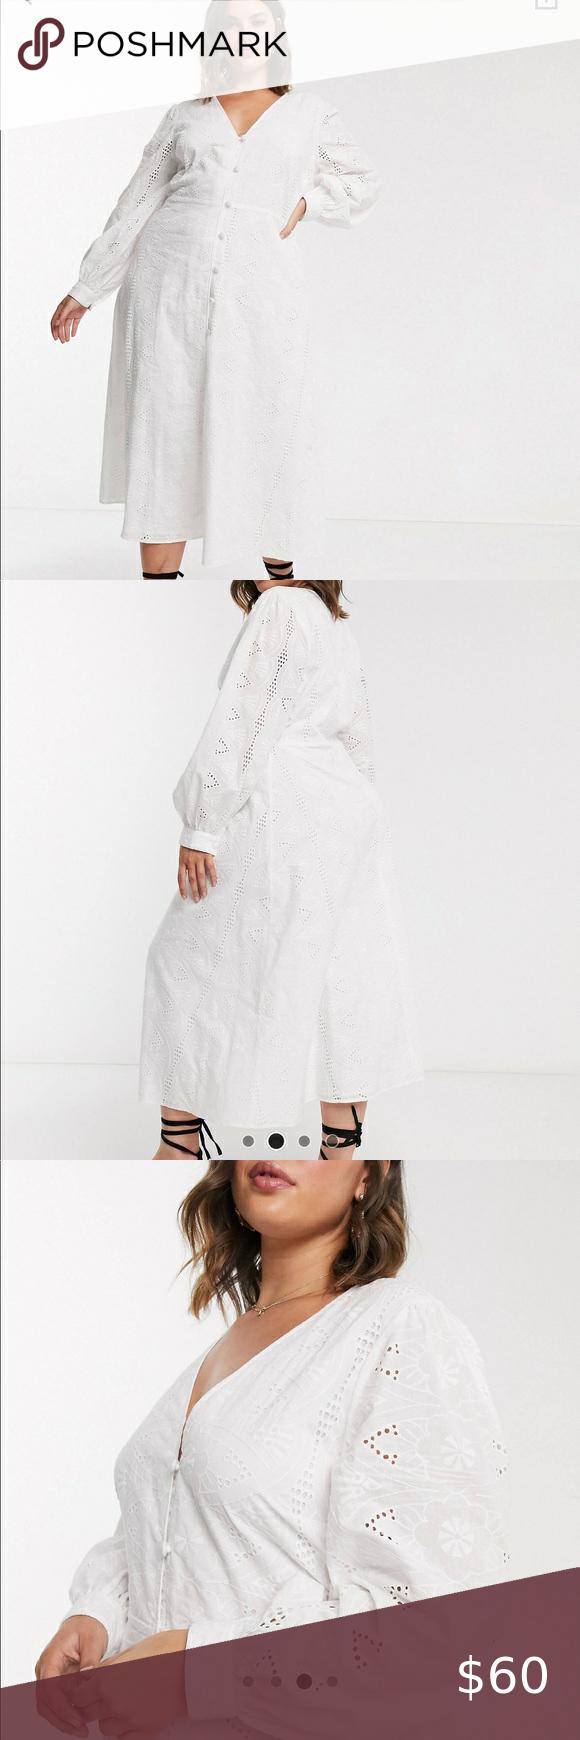 ASOS DESIGN Curve – Broderie – Robe mi-longue boutonnée avec bouton PRICE FIRM – Neuf avec étiquettes. 🍀 …   – My Posh Picks